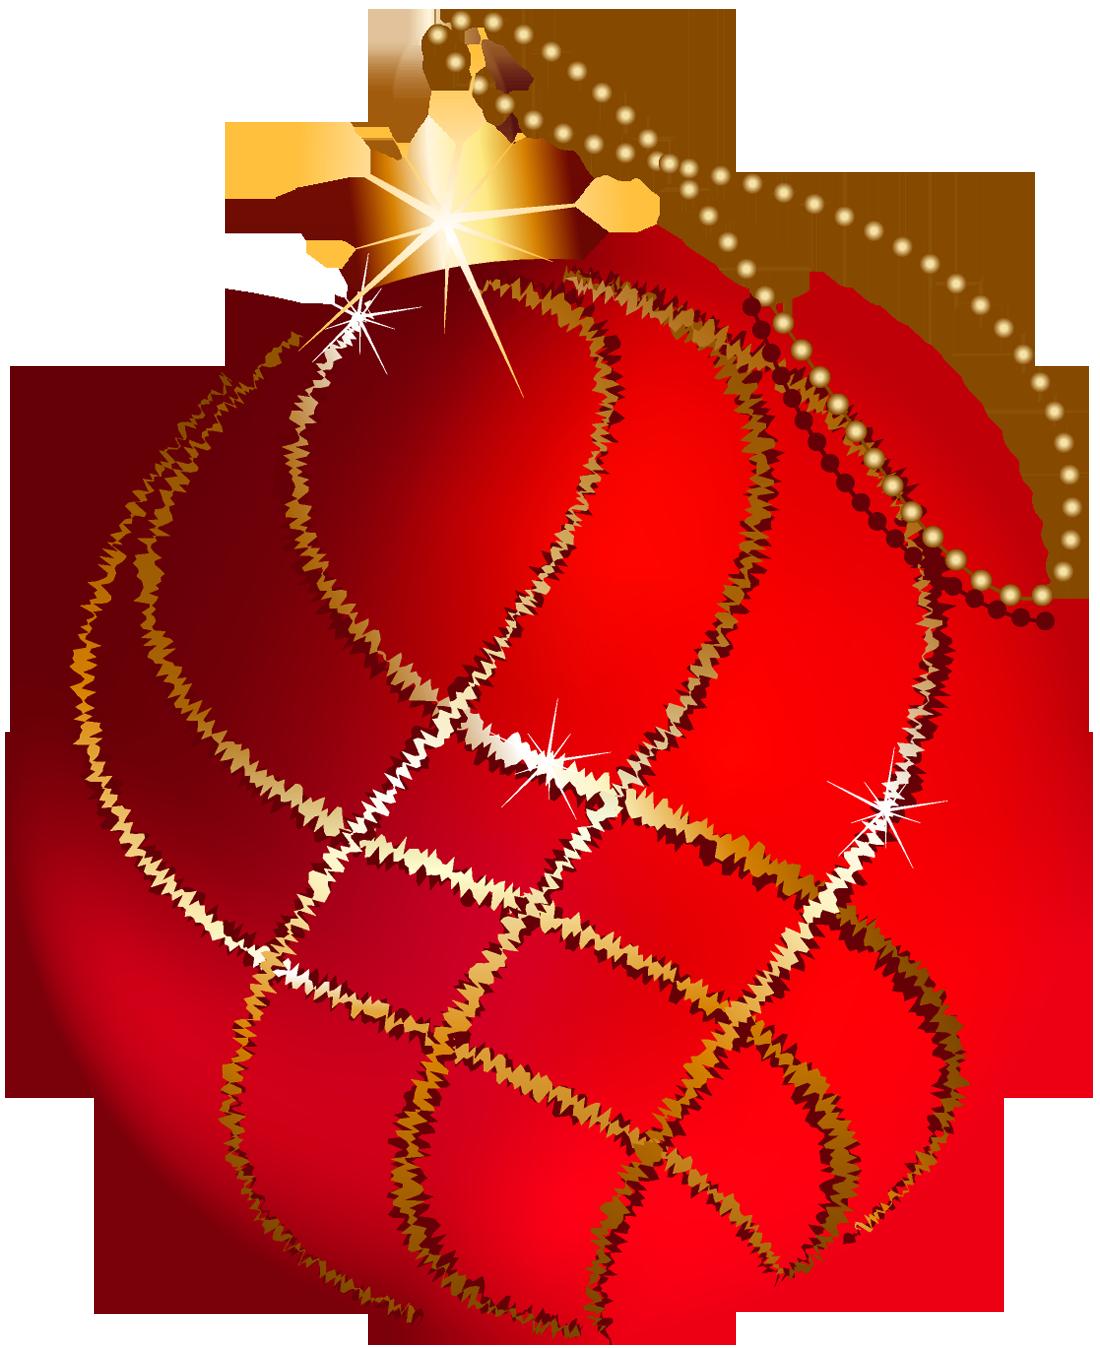 Christmas Ornaments Png Transparent Hd Png Download Christmas Ornaments Christmas Clipart Gold Christmas Ornaments